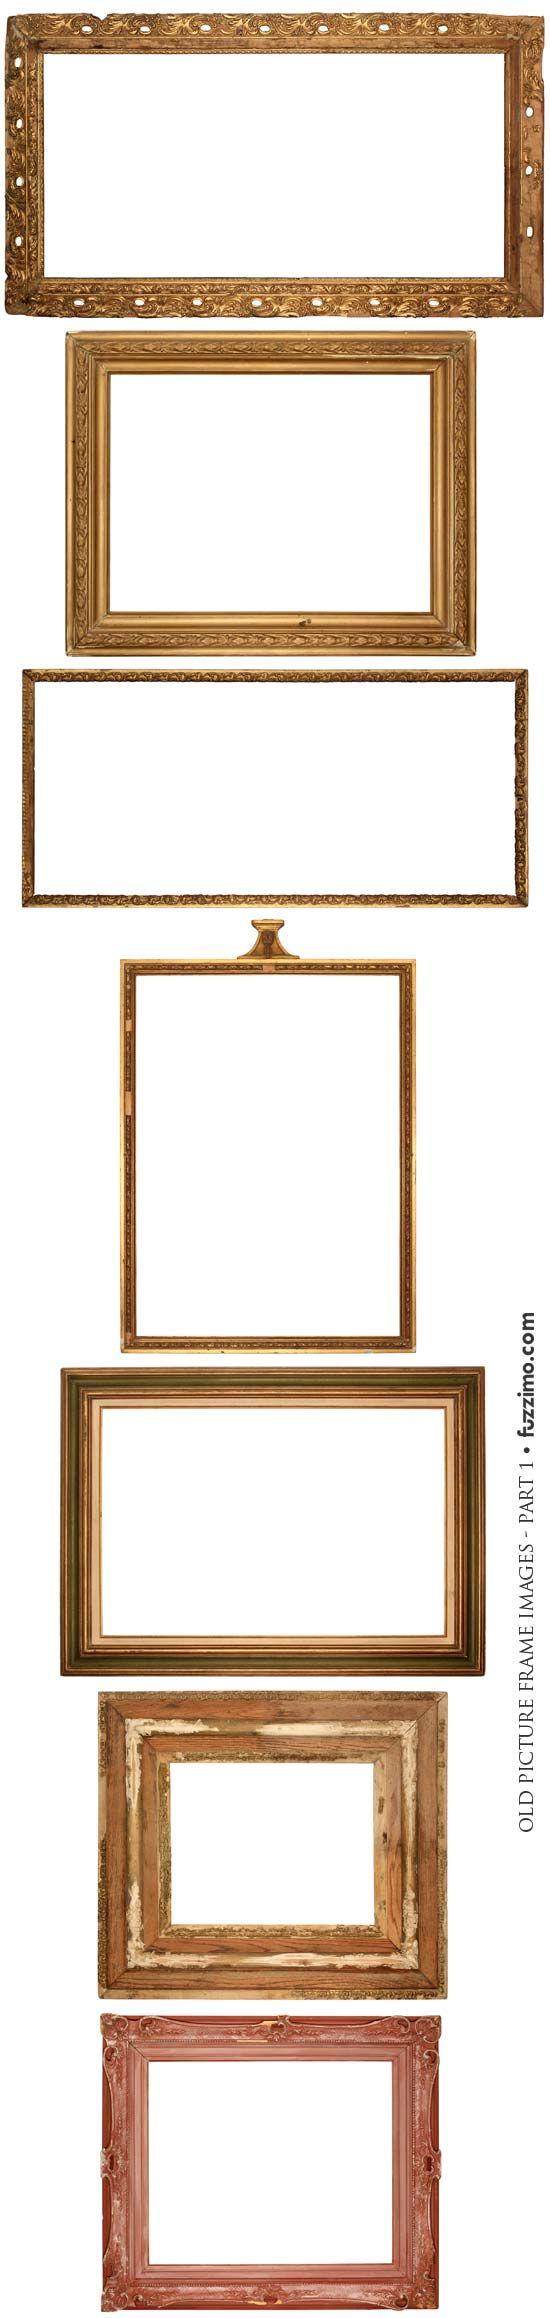 Hi-Res old picture frame images  *********************************************